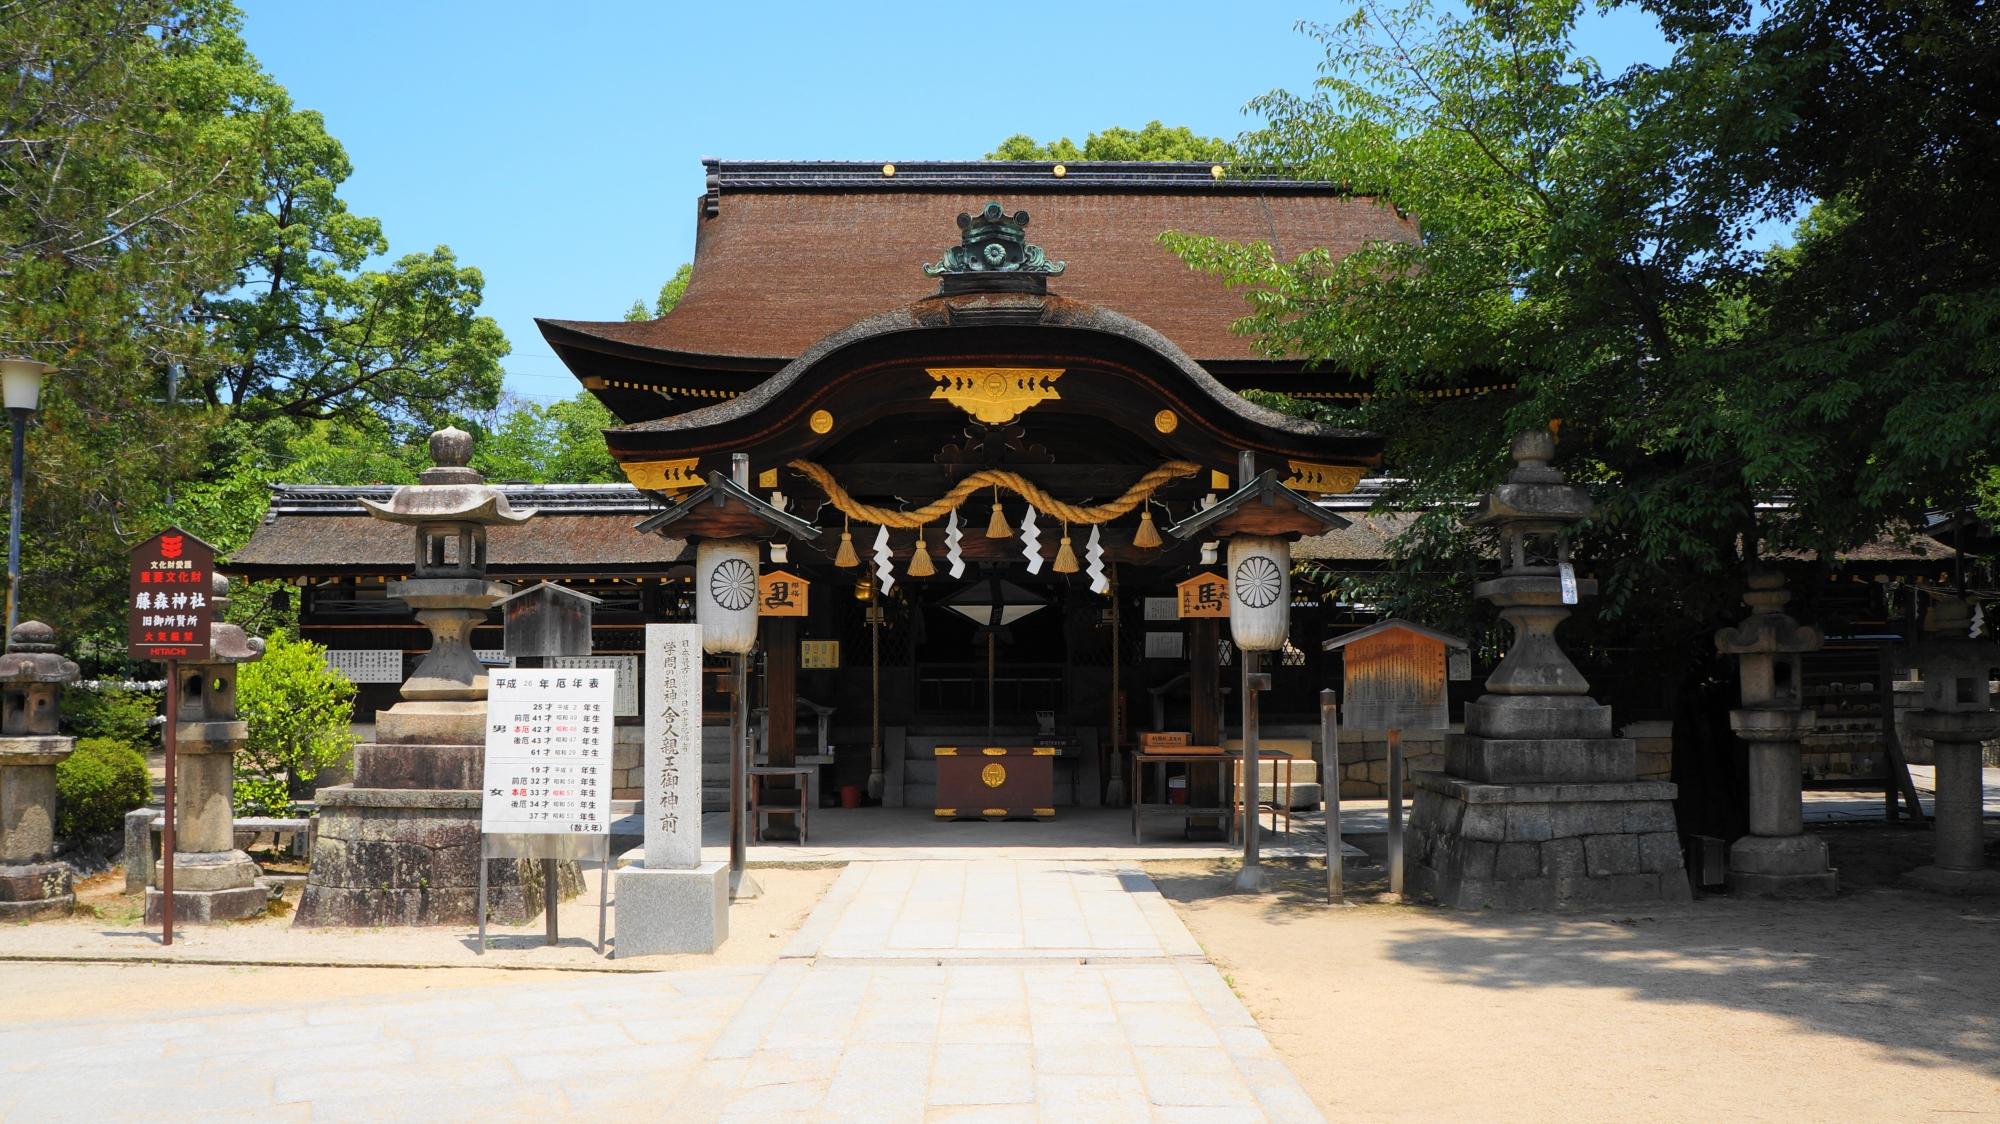 Fujinomori-jinja Shrine Kyoto 本殿 競馬の神社